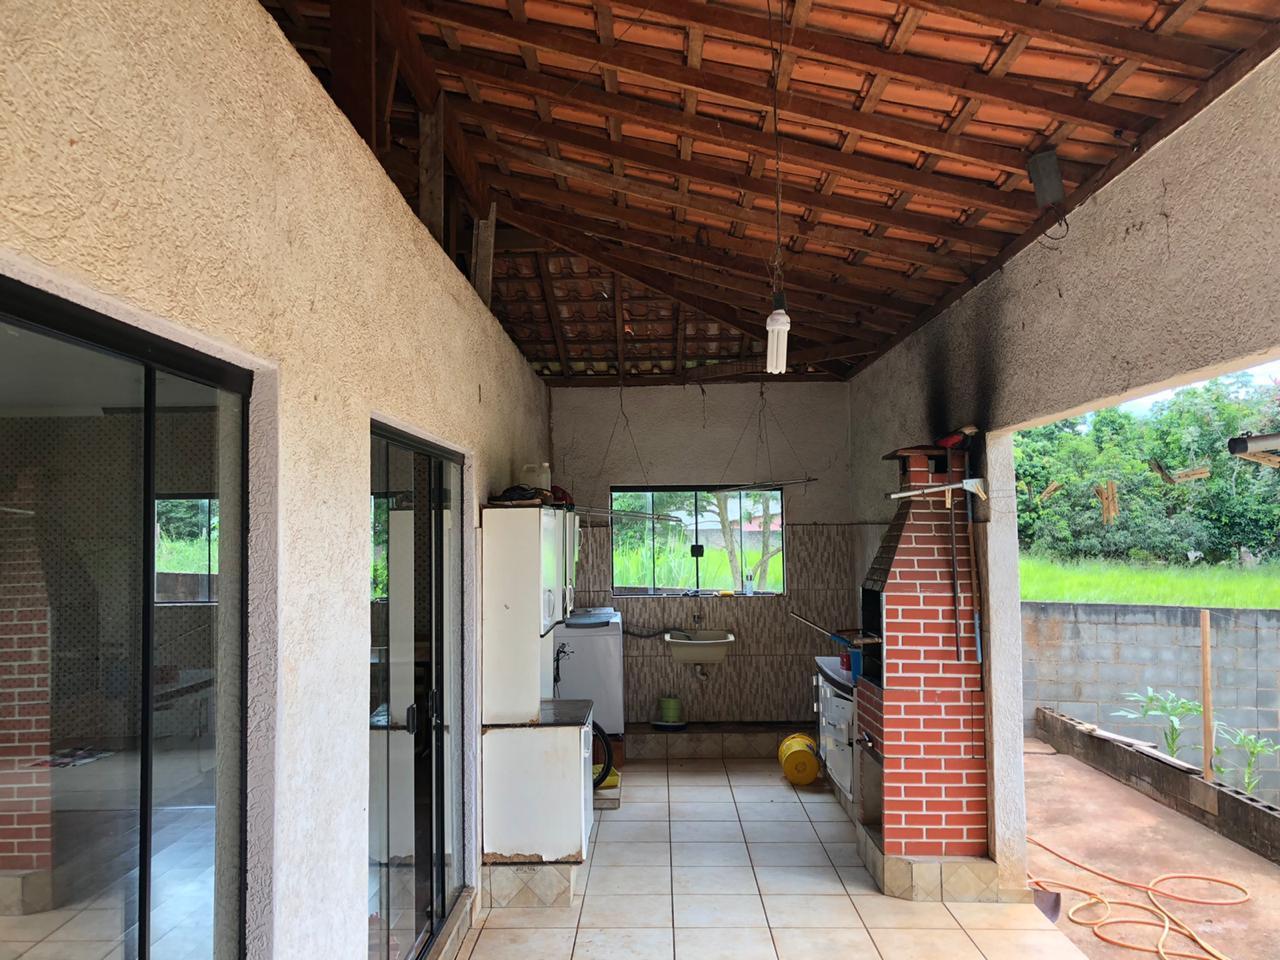 Chácara com 4 dormitórios à venda, 1000 m² por R$ 350.000 - Parque São Bento - Sumaré/SP